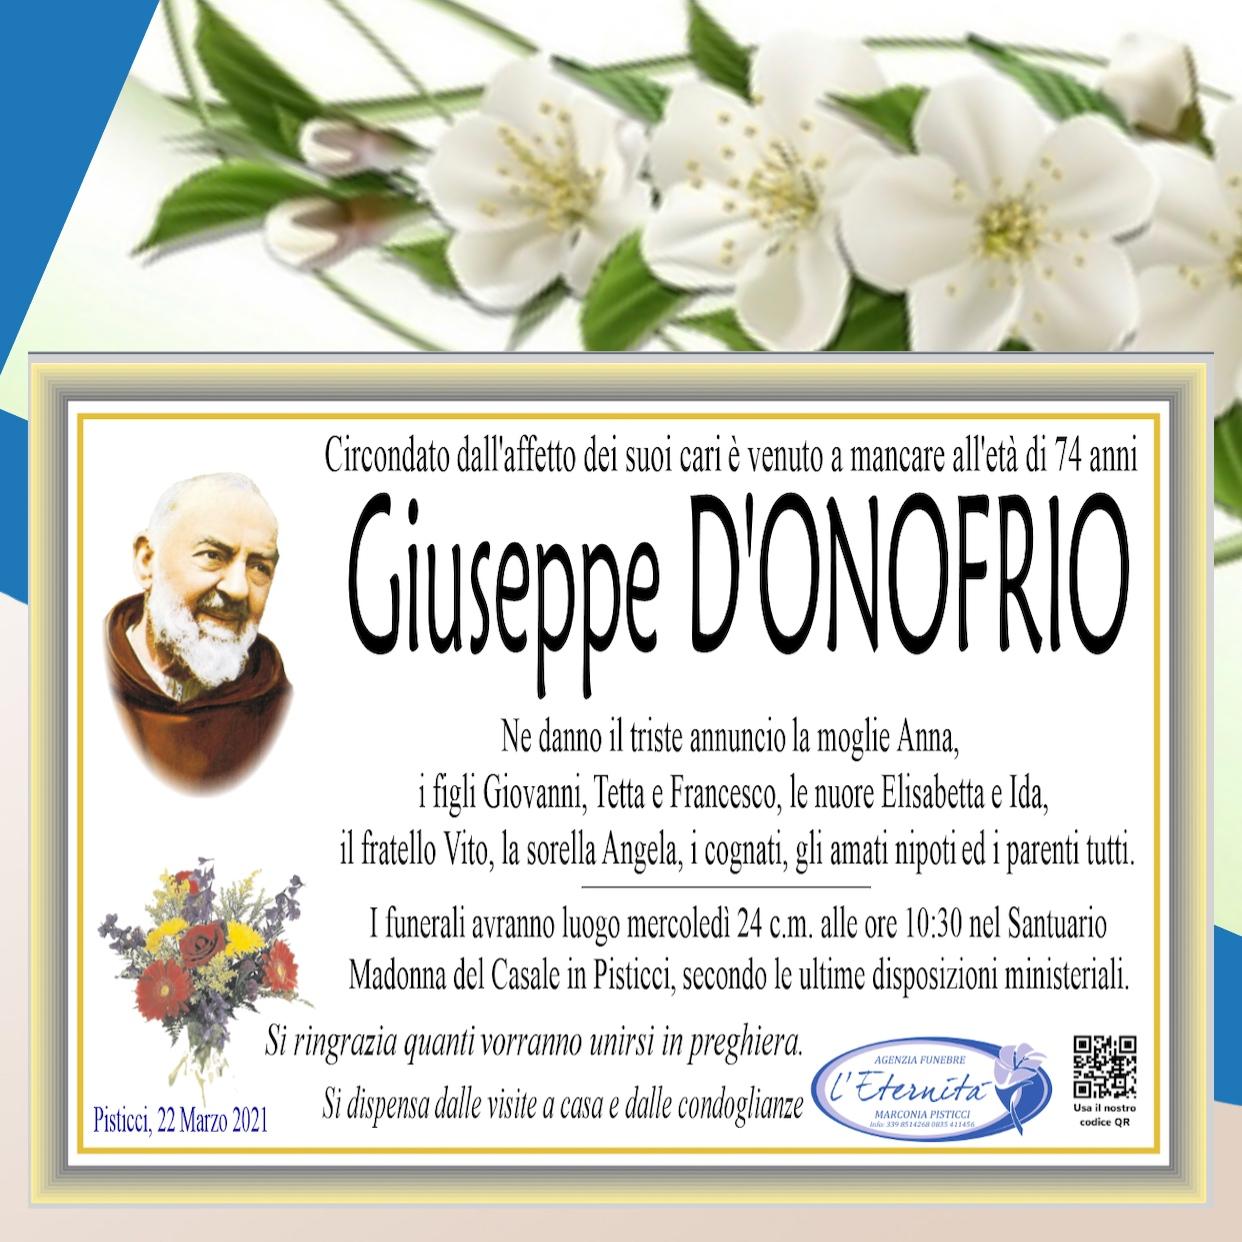 Giuseppe D'ONOFRIO